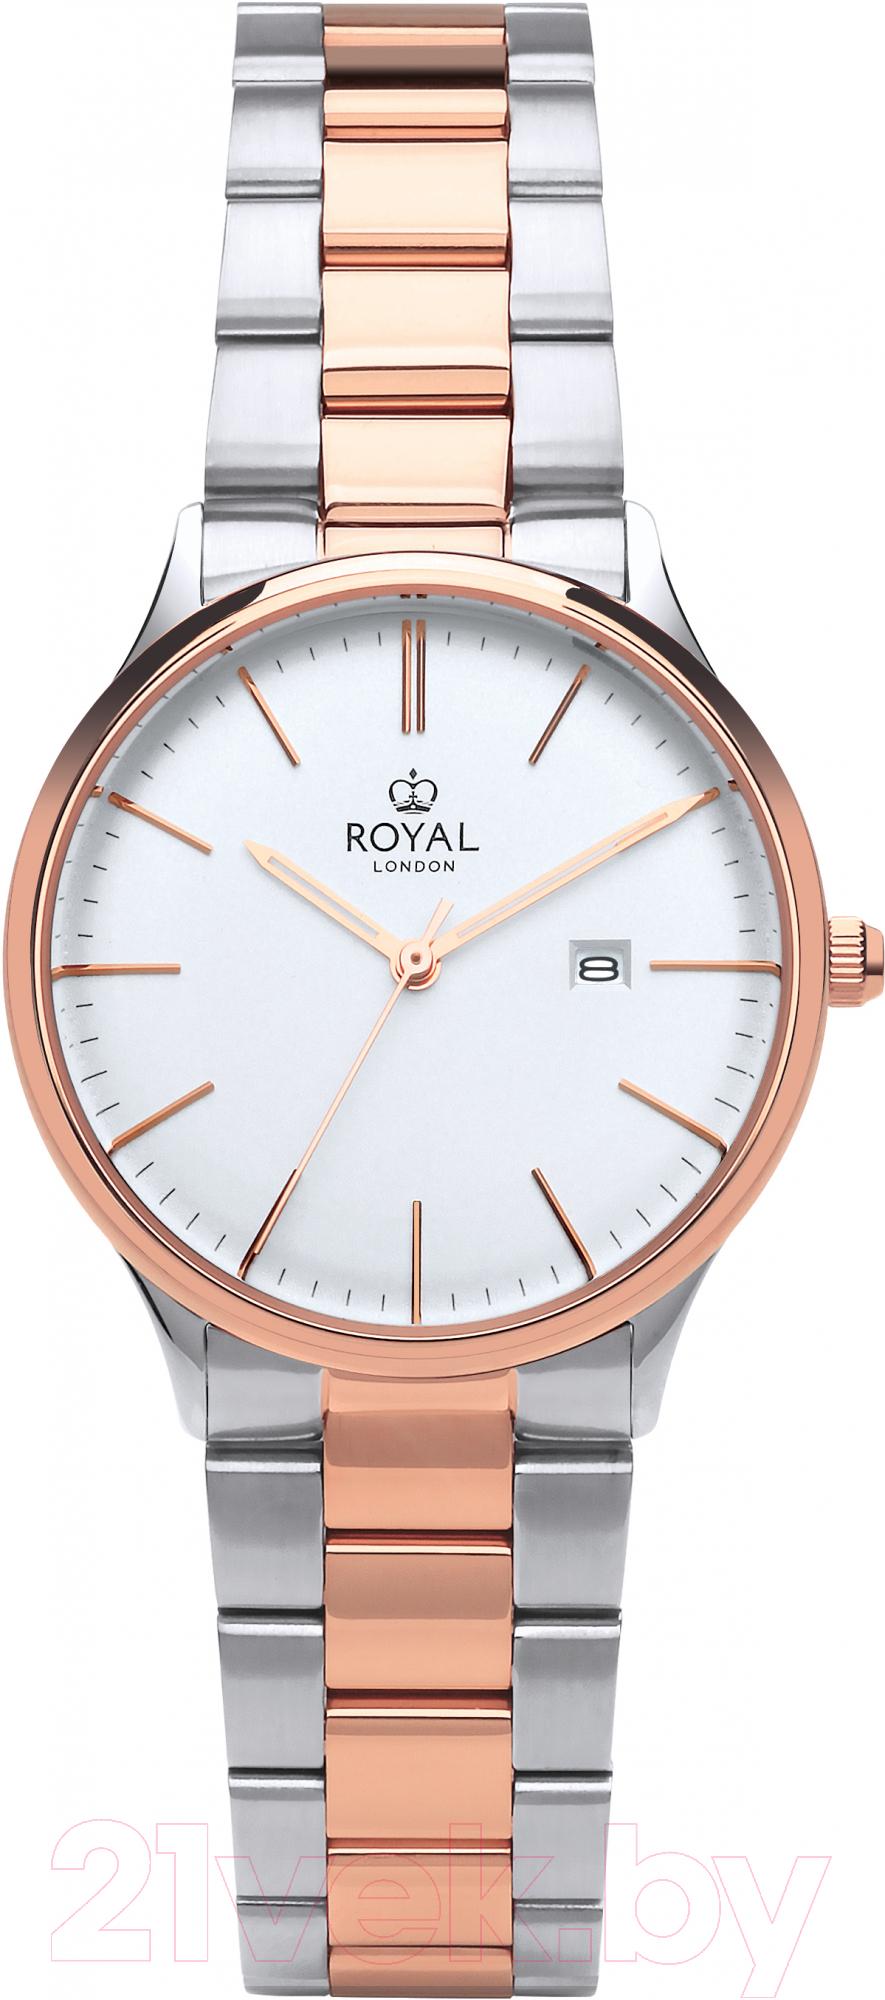 Купить Часы наручные женские Royal London, 21388-08, Великобритания